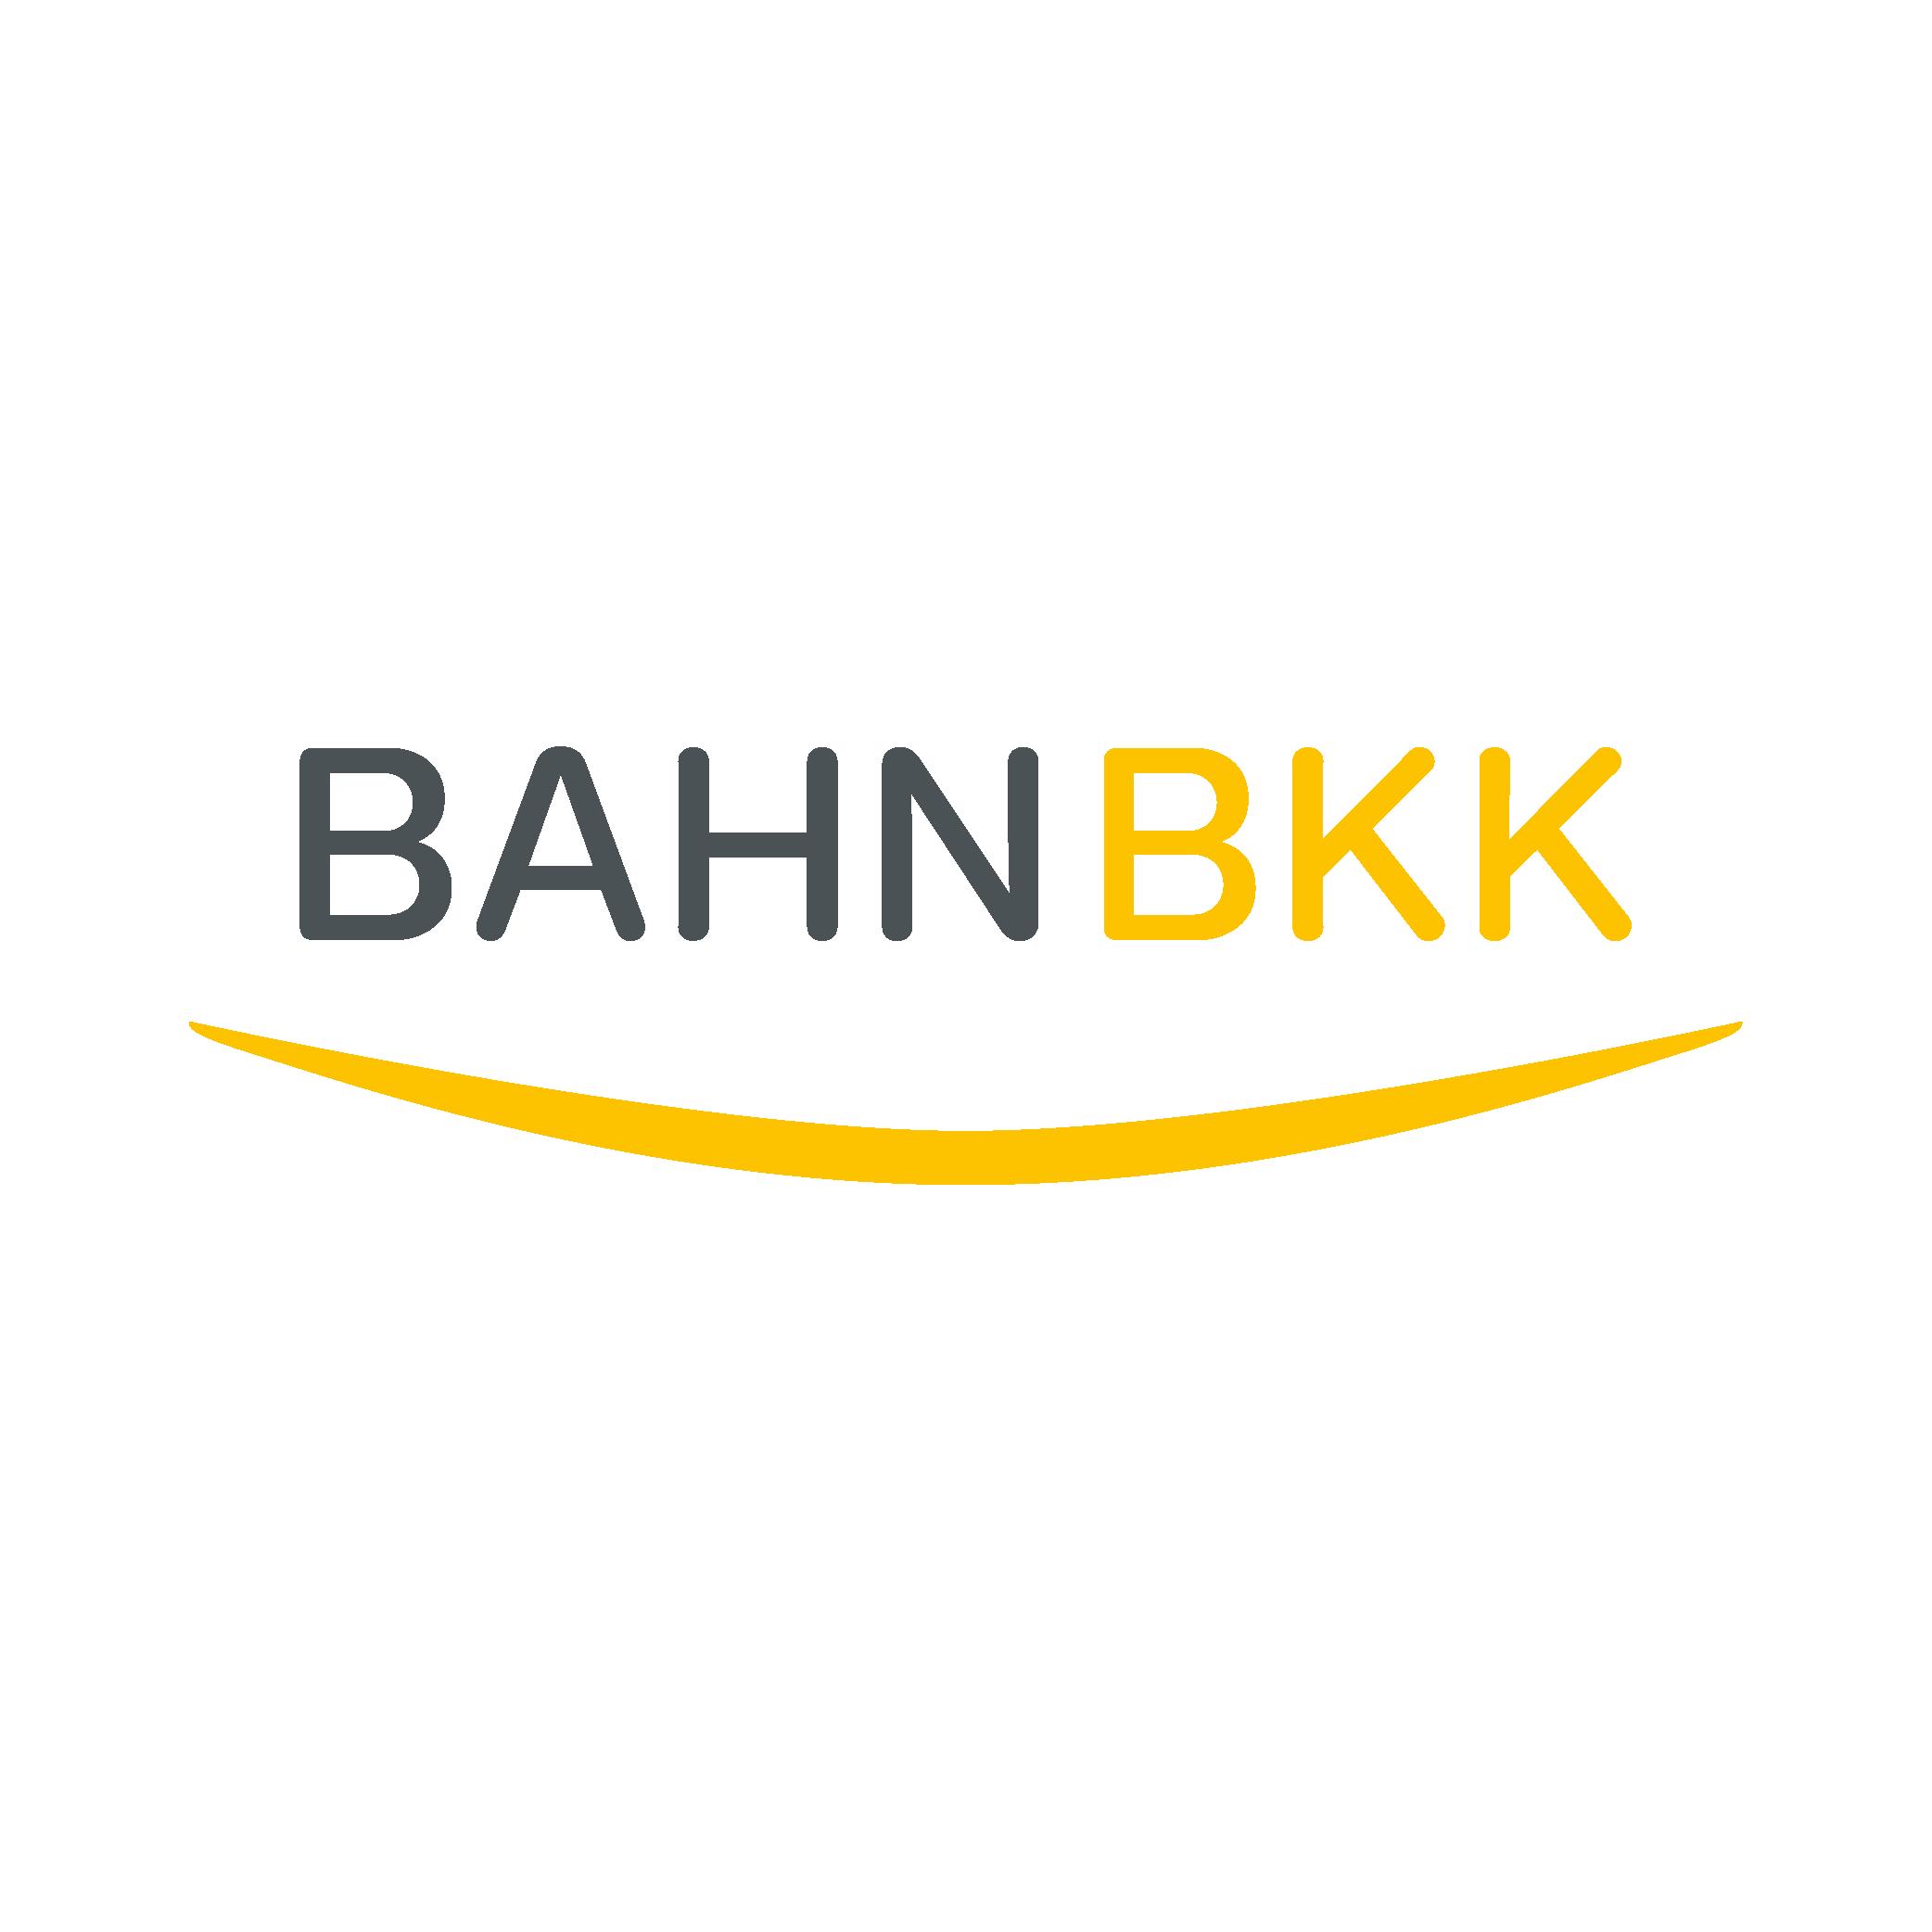 Markenzeichen der Bahn BKK